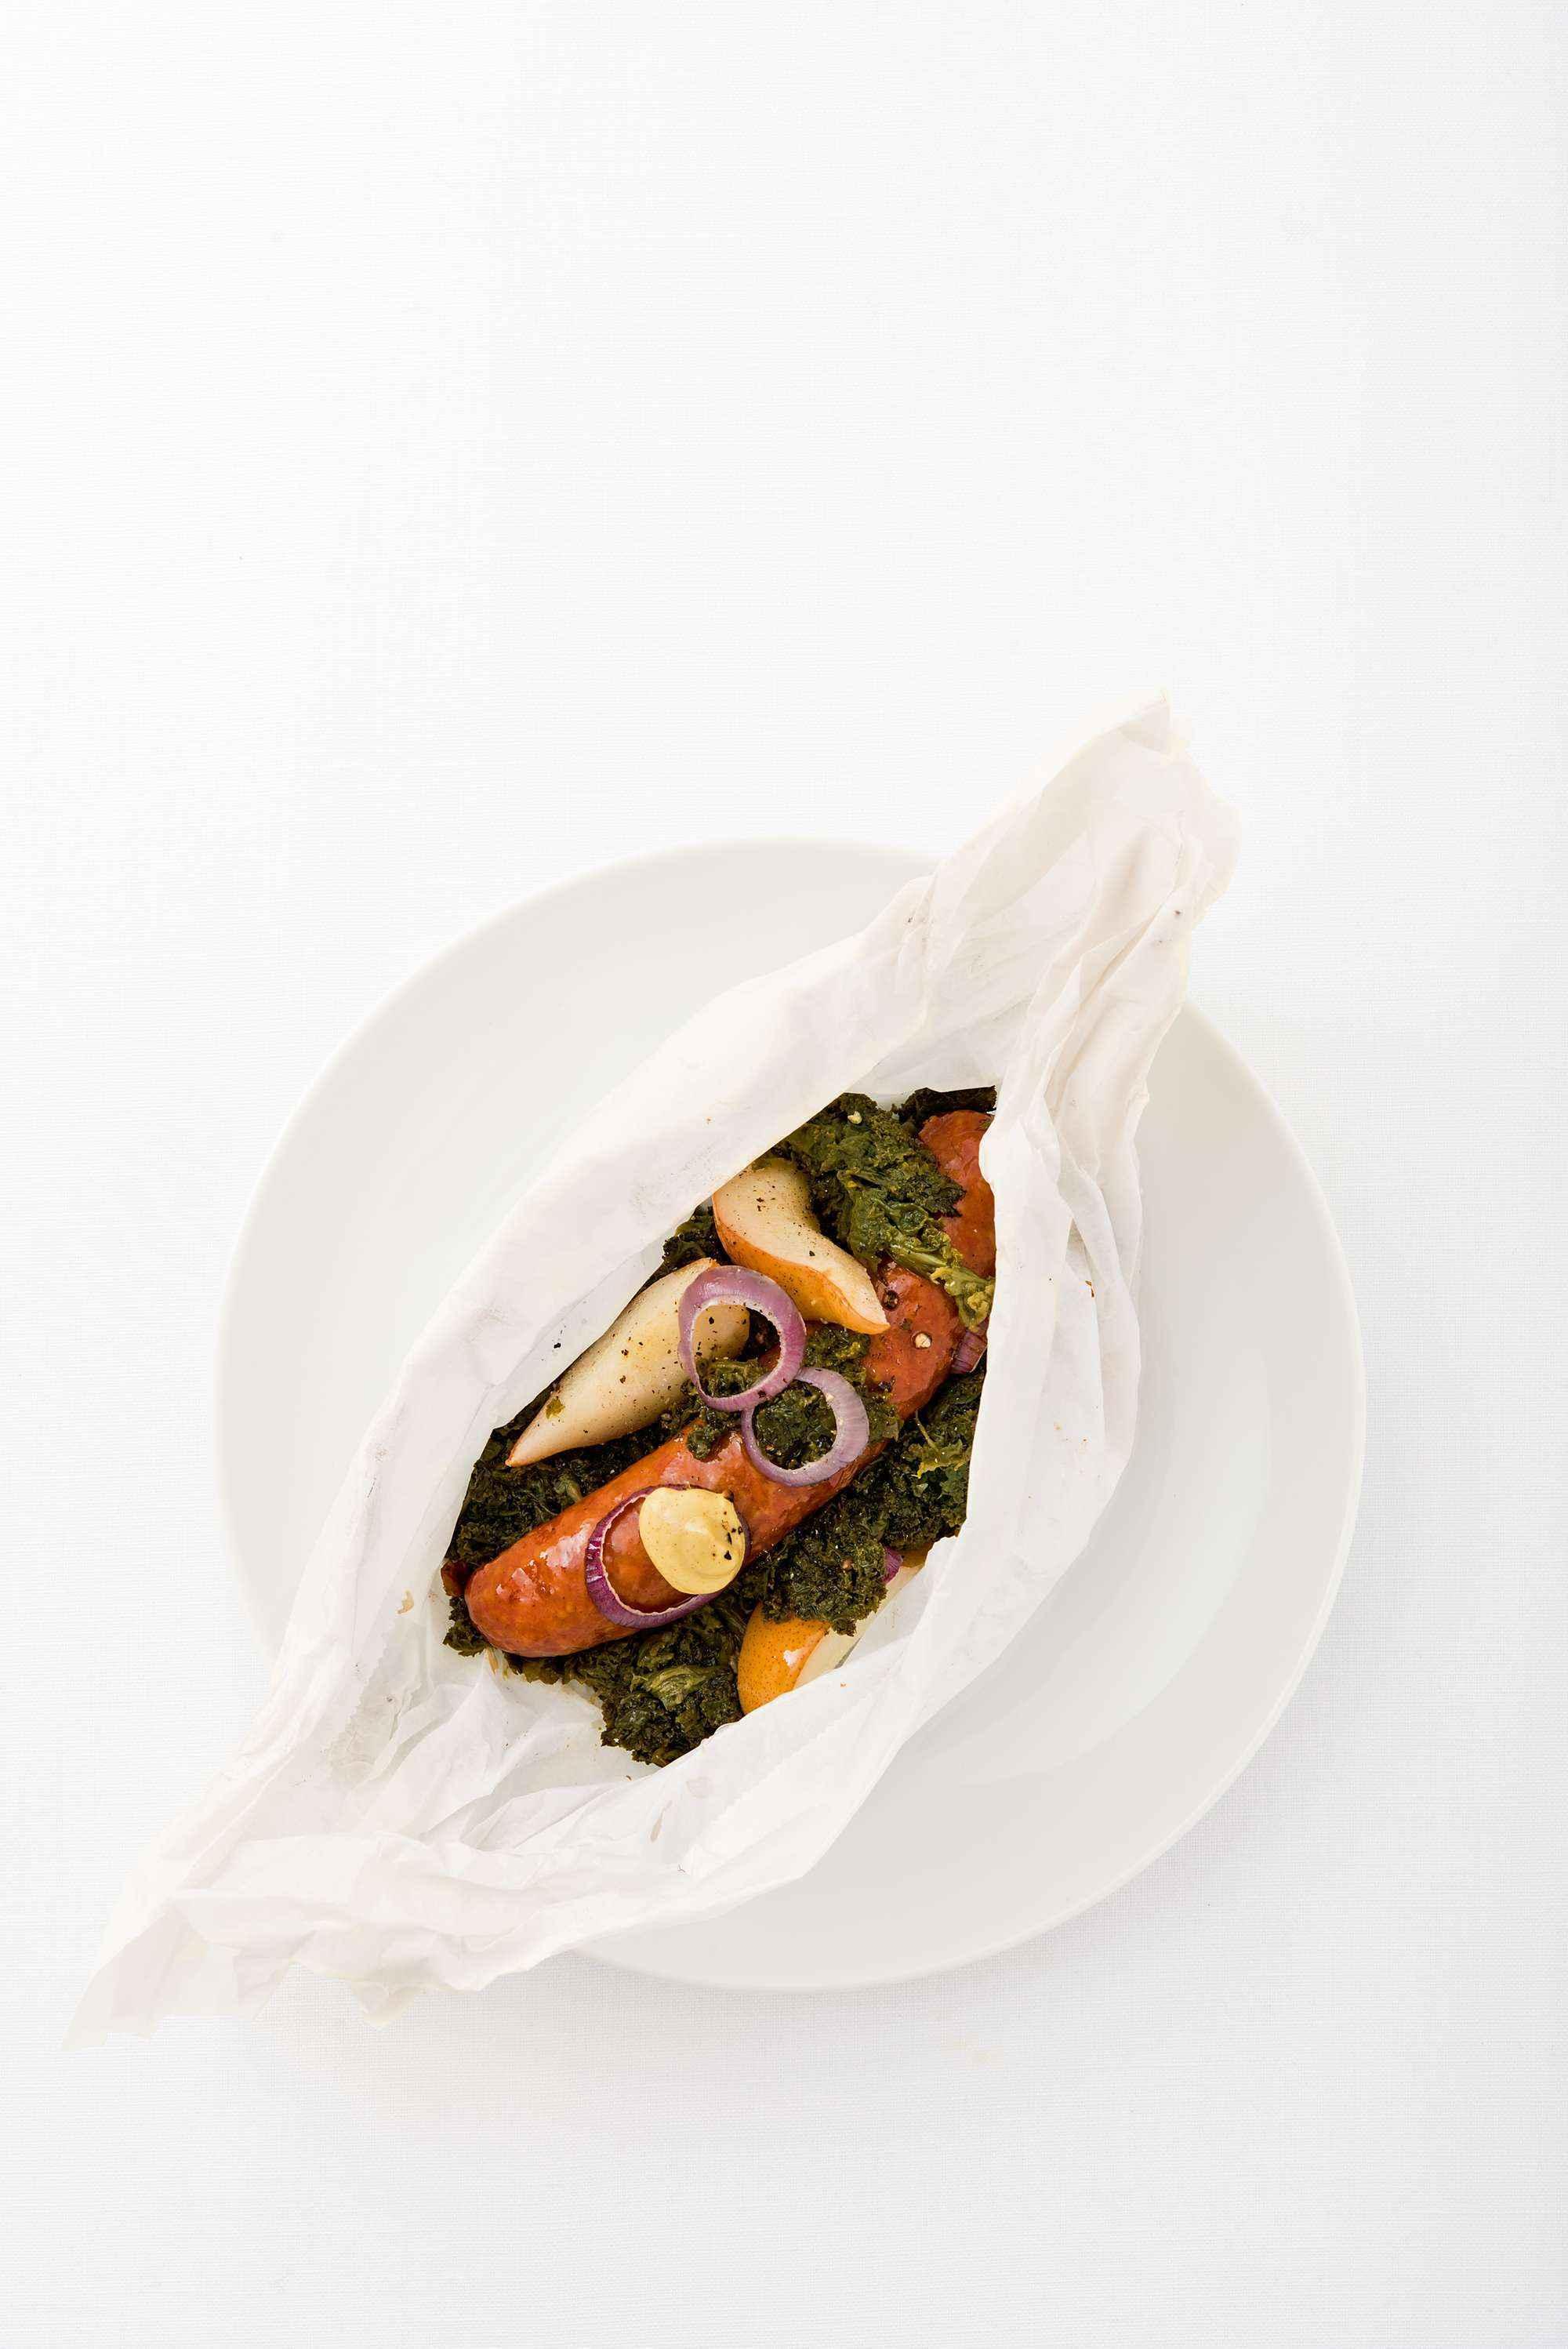 Rezept für Grünkohl mit Kochwurst und Birne en papillote